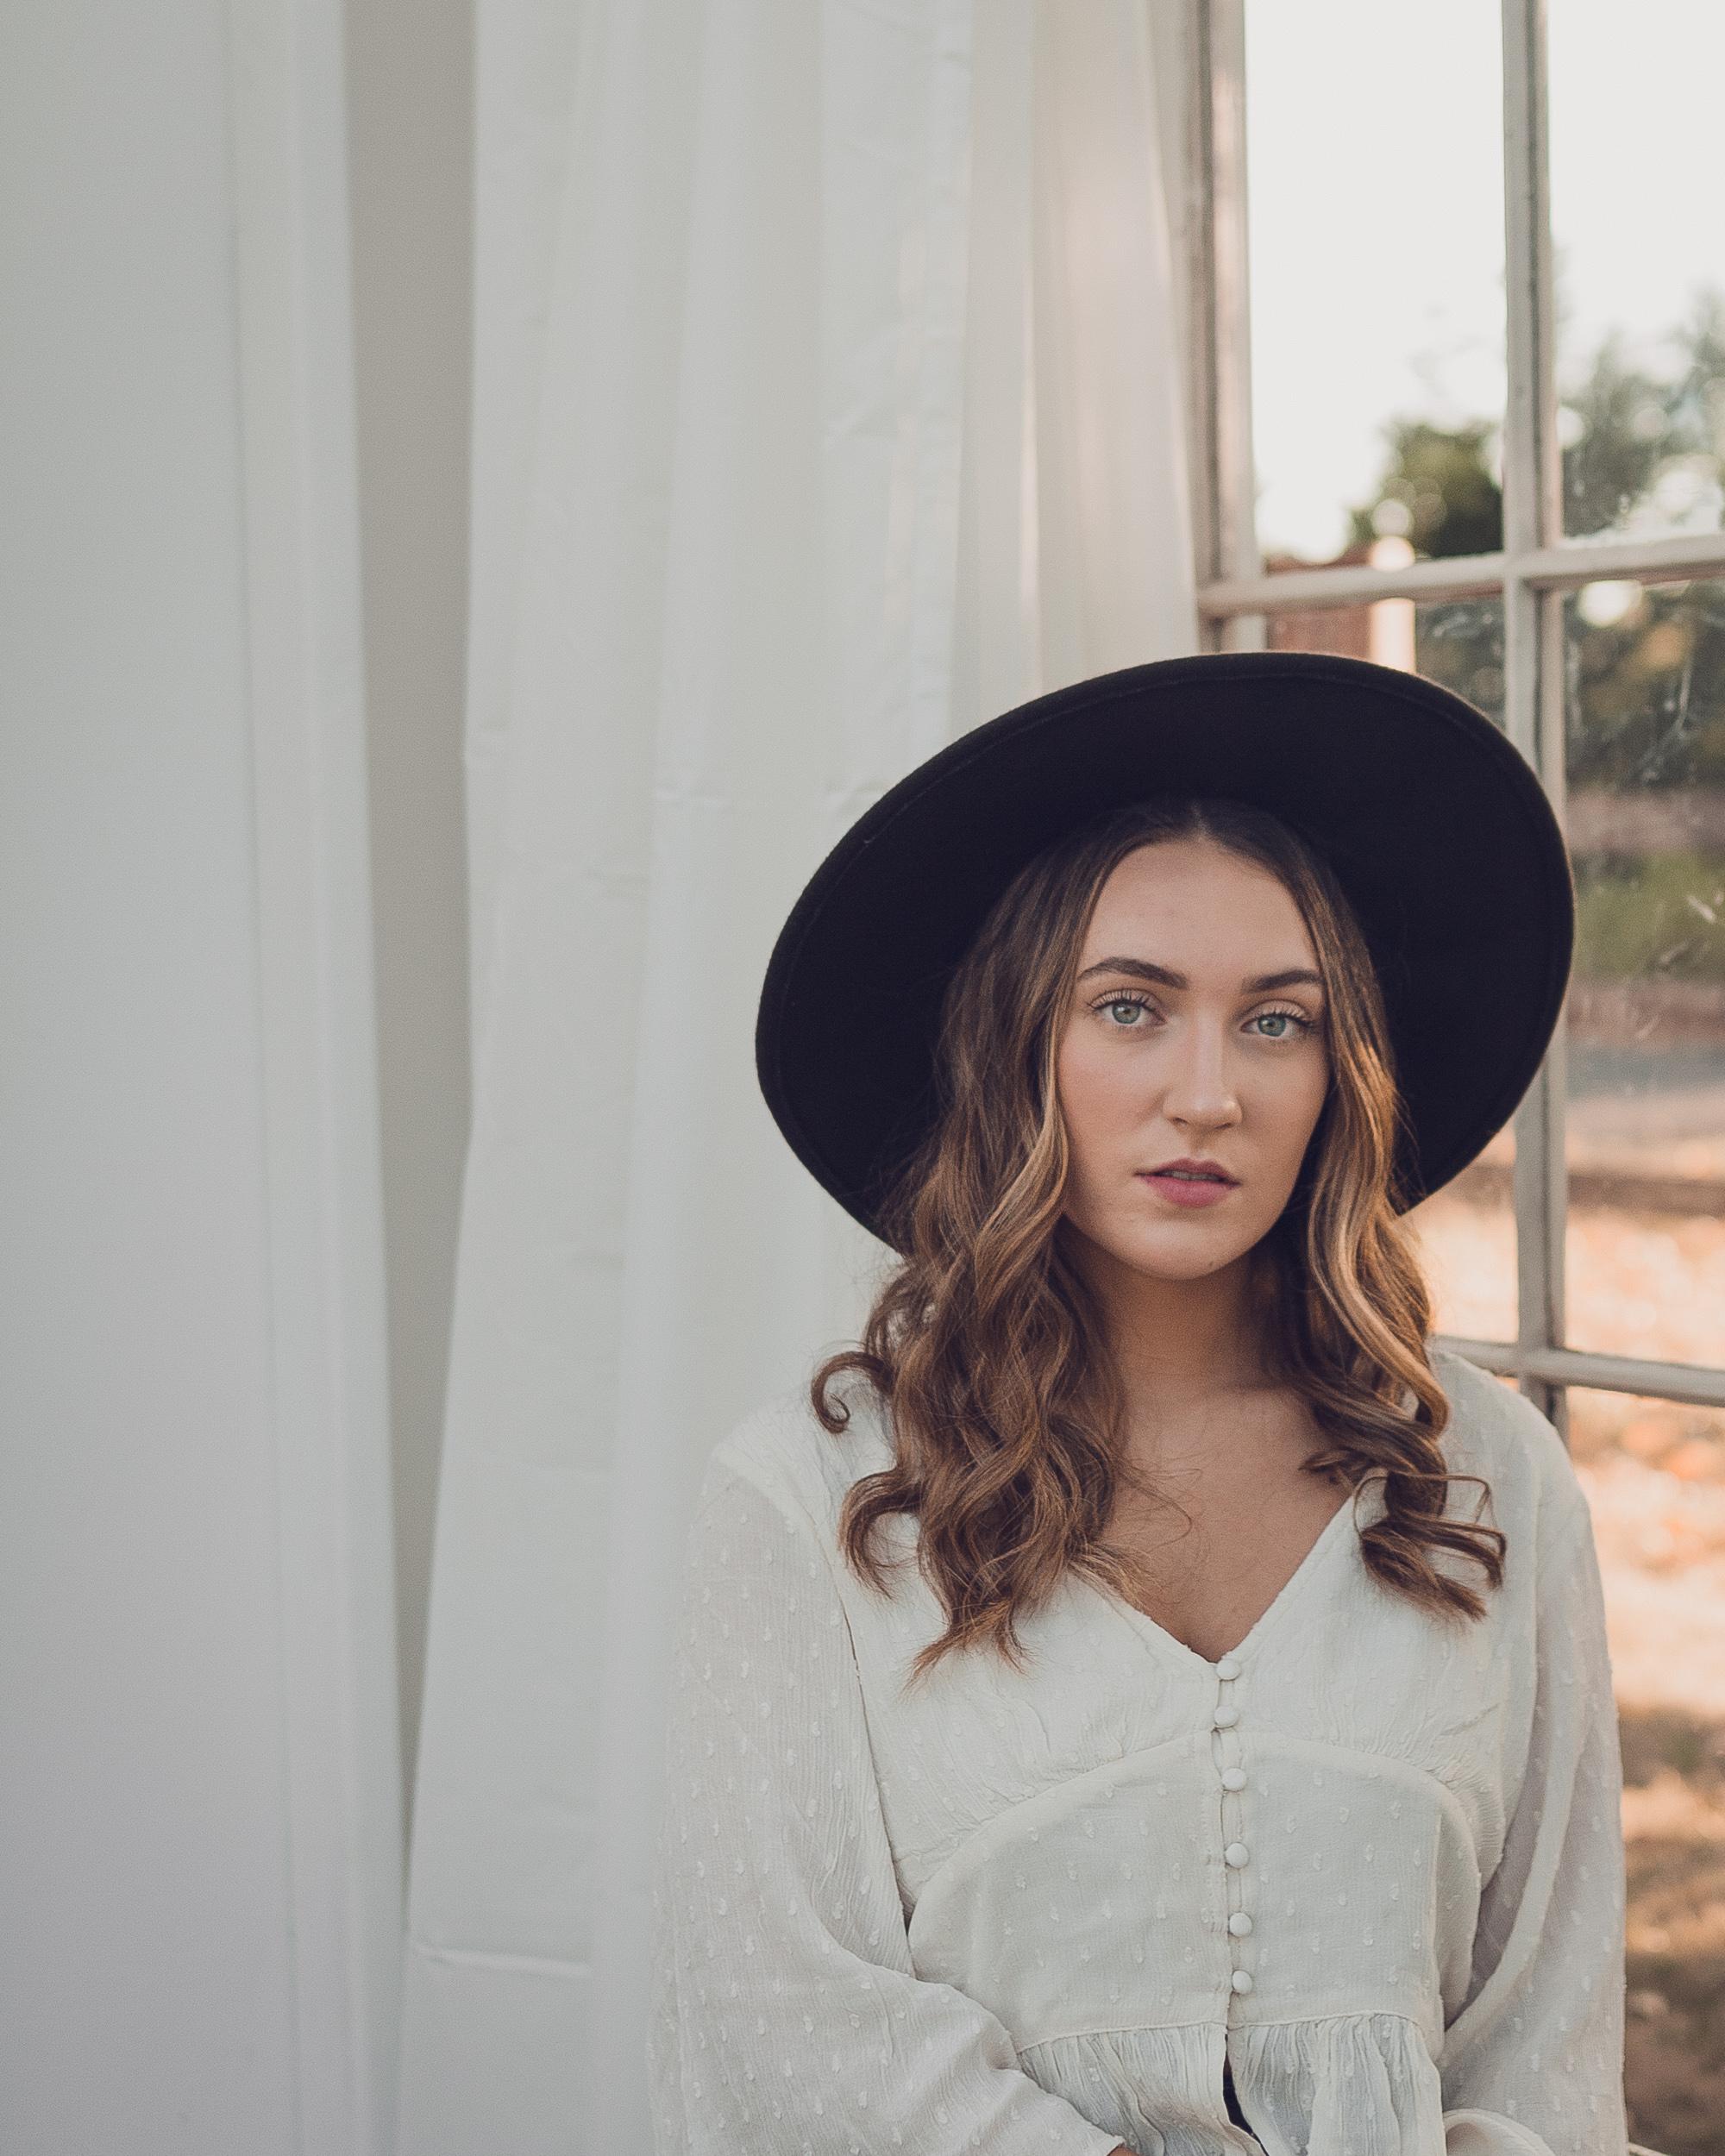 Seniorportraitsseattle-22.jpg